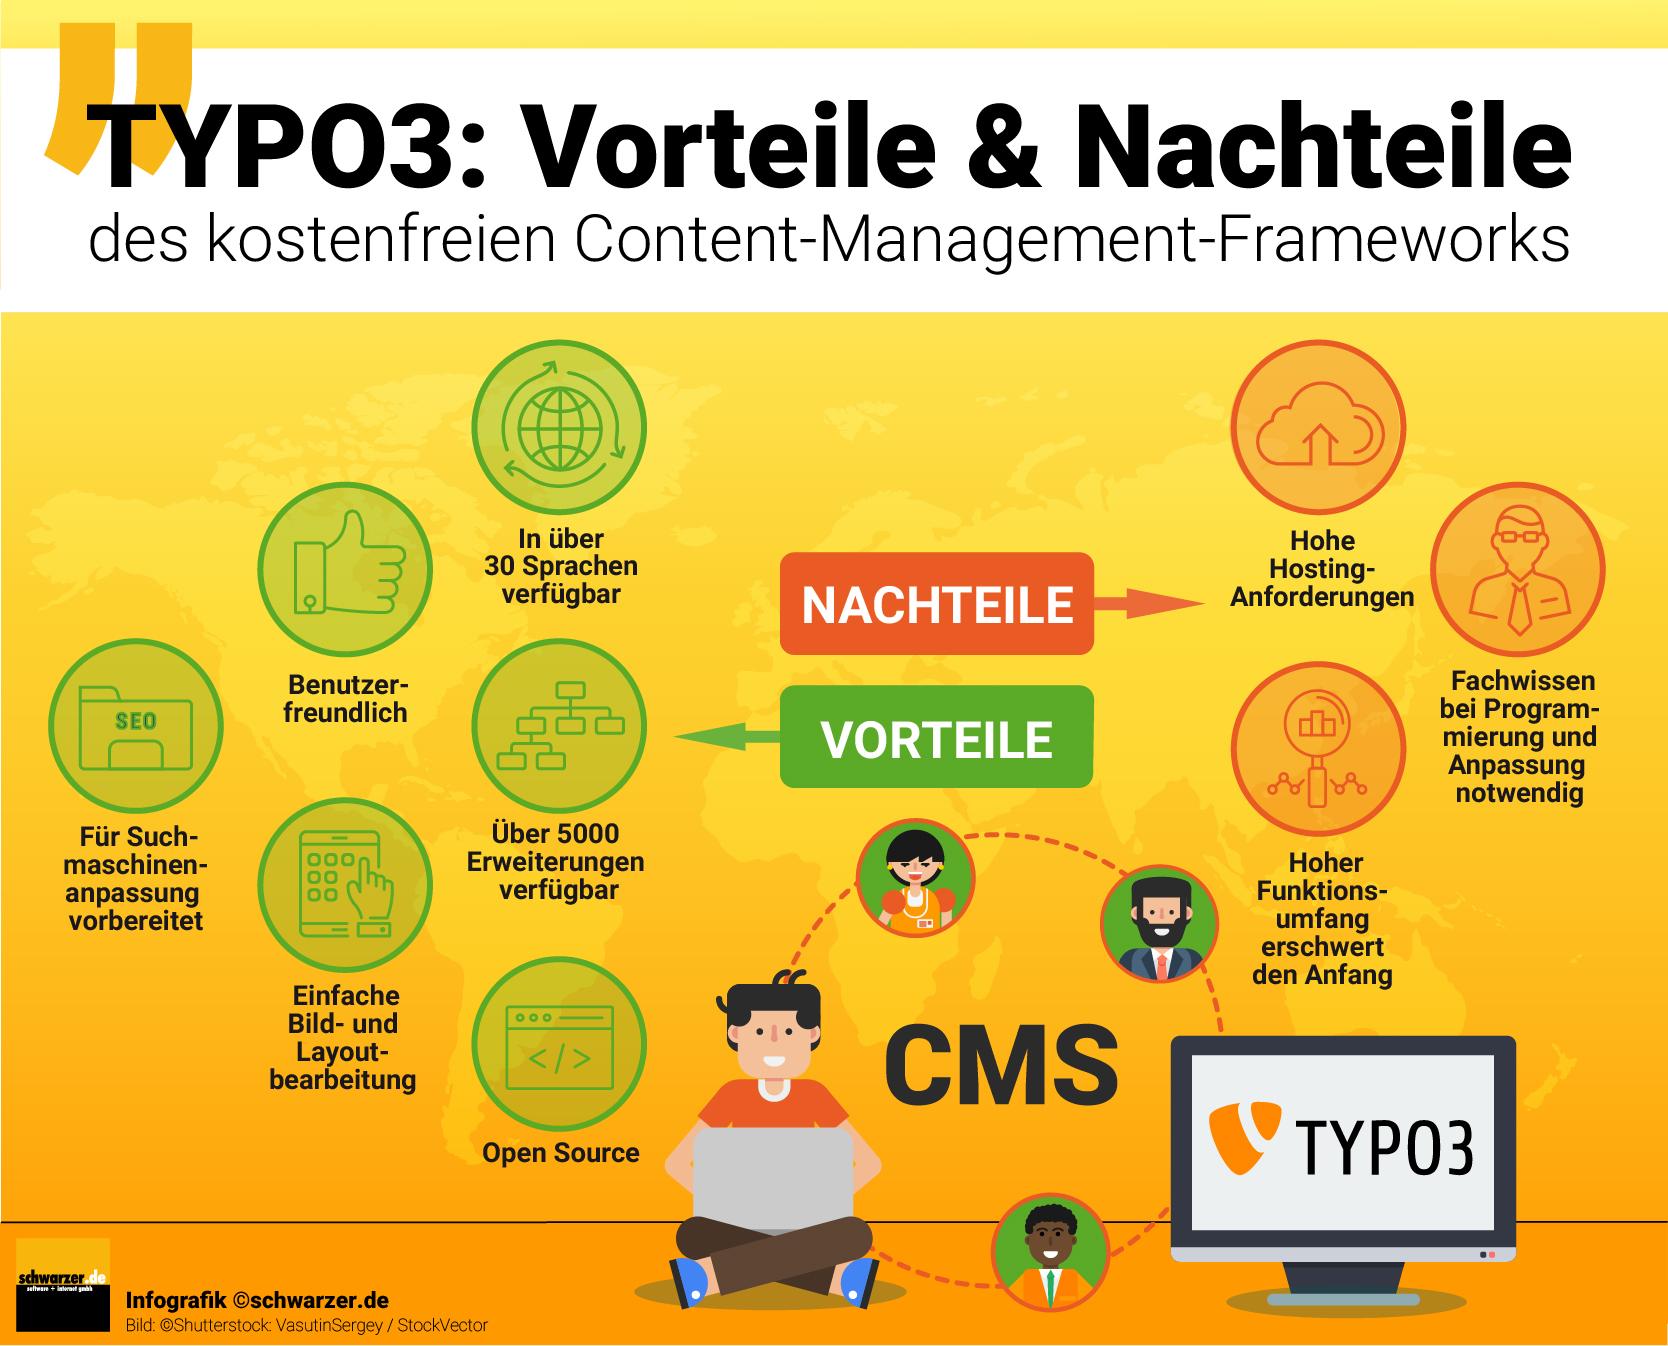 Infografik: Typo3 - Die Vor- und Nachteile des kostenfreien Content-Management-Frameworks.